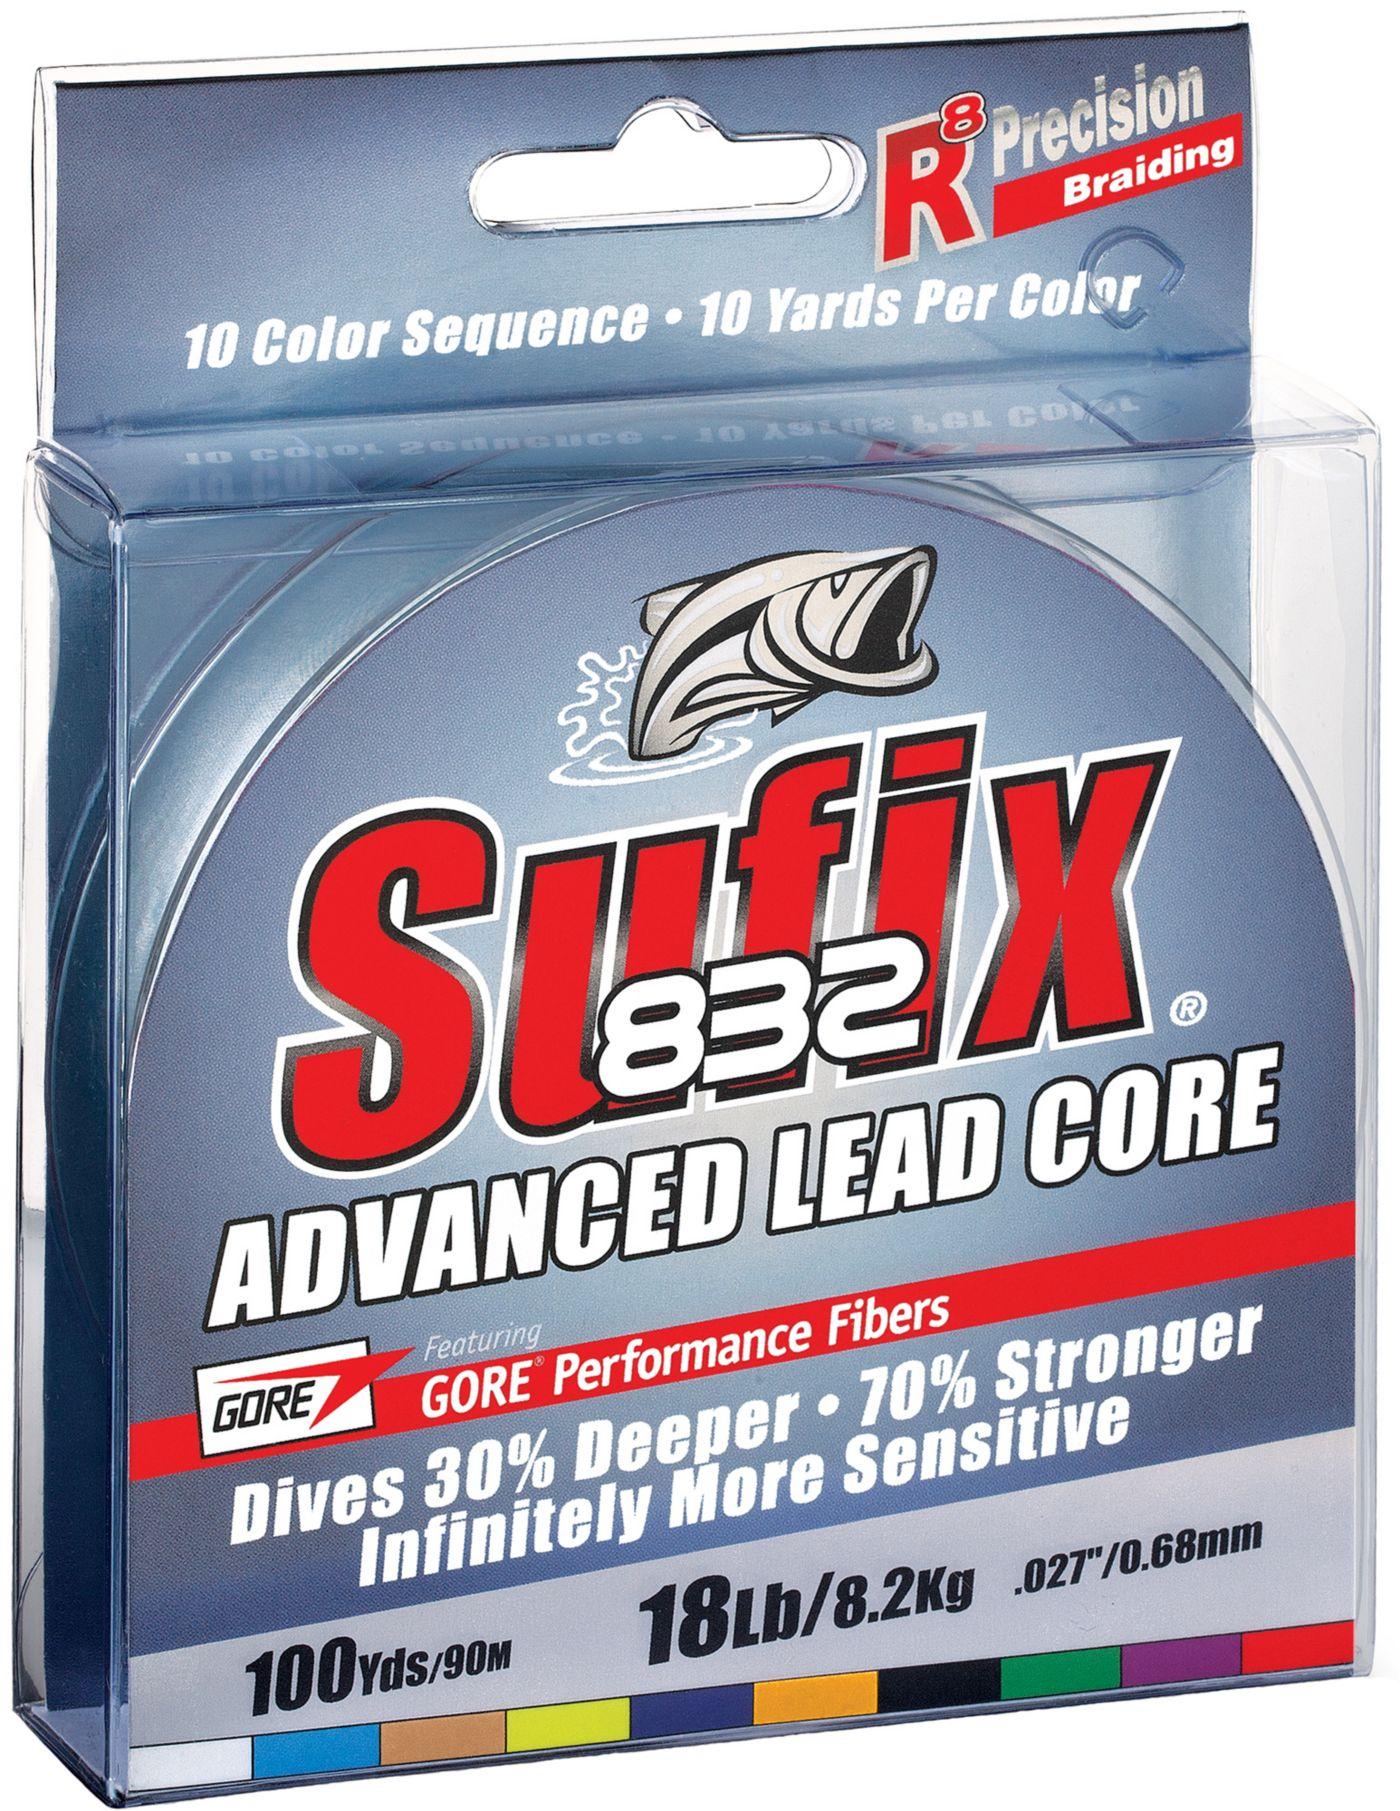 Sufix 832 Advanced Lead Core Monofilament Fishing Line